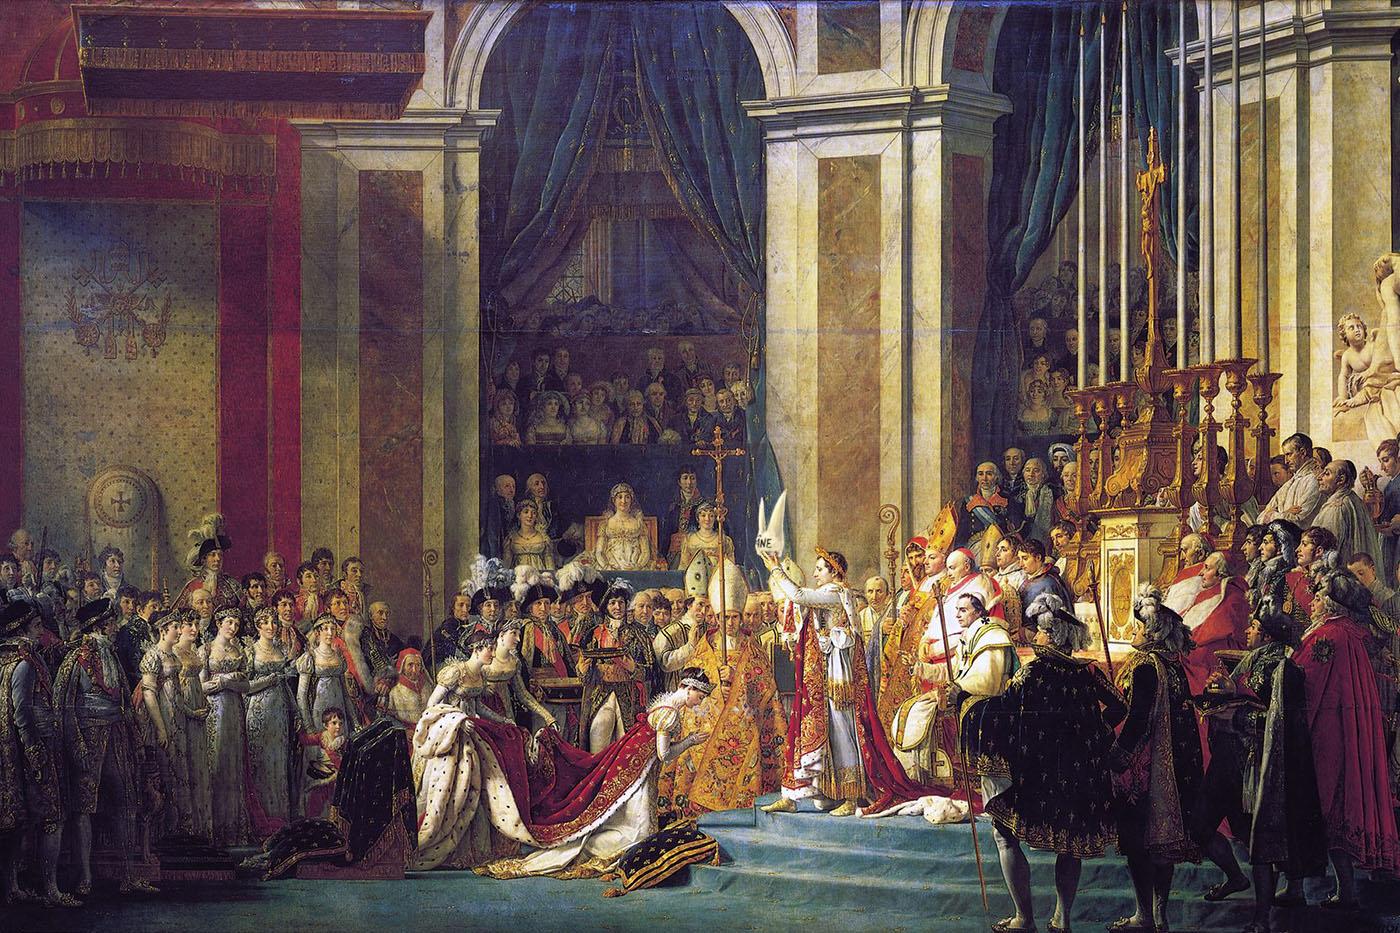 Napoléon 1er après avoir lu un article des Échos sur les performances françaises en Europe. (Piet d'après le sacre de Napoléon de Jacques-Louis David, 1808)